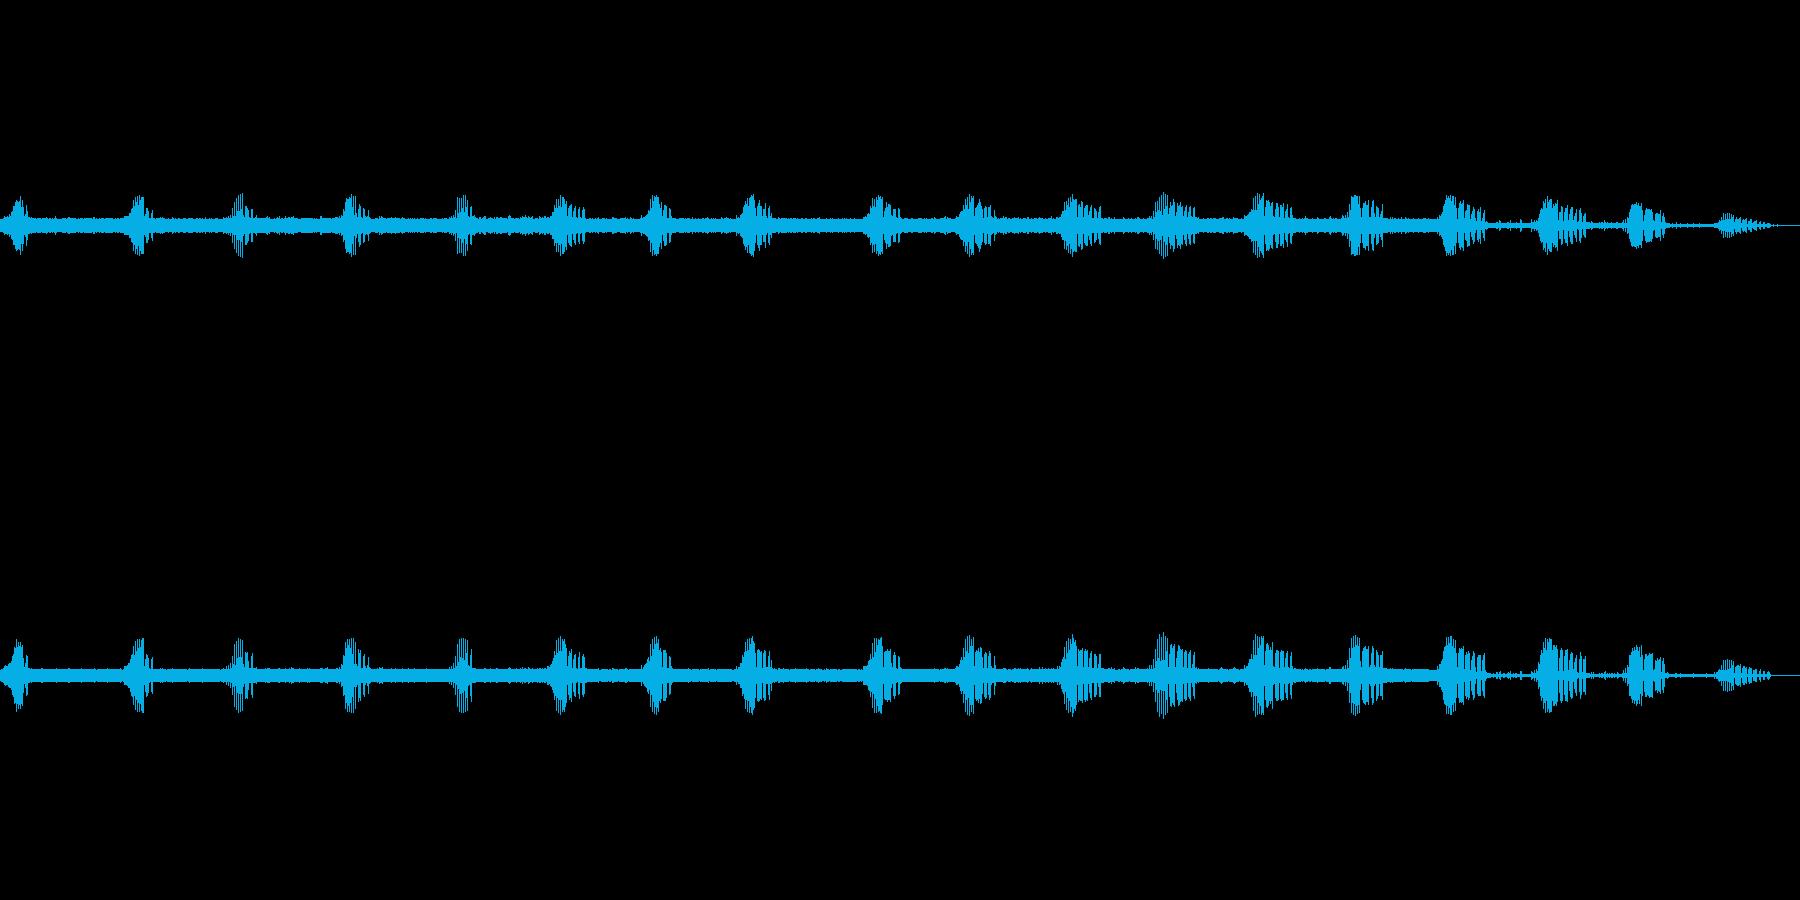 エンマコオロギの声1の再生済みの波形